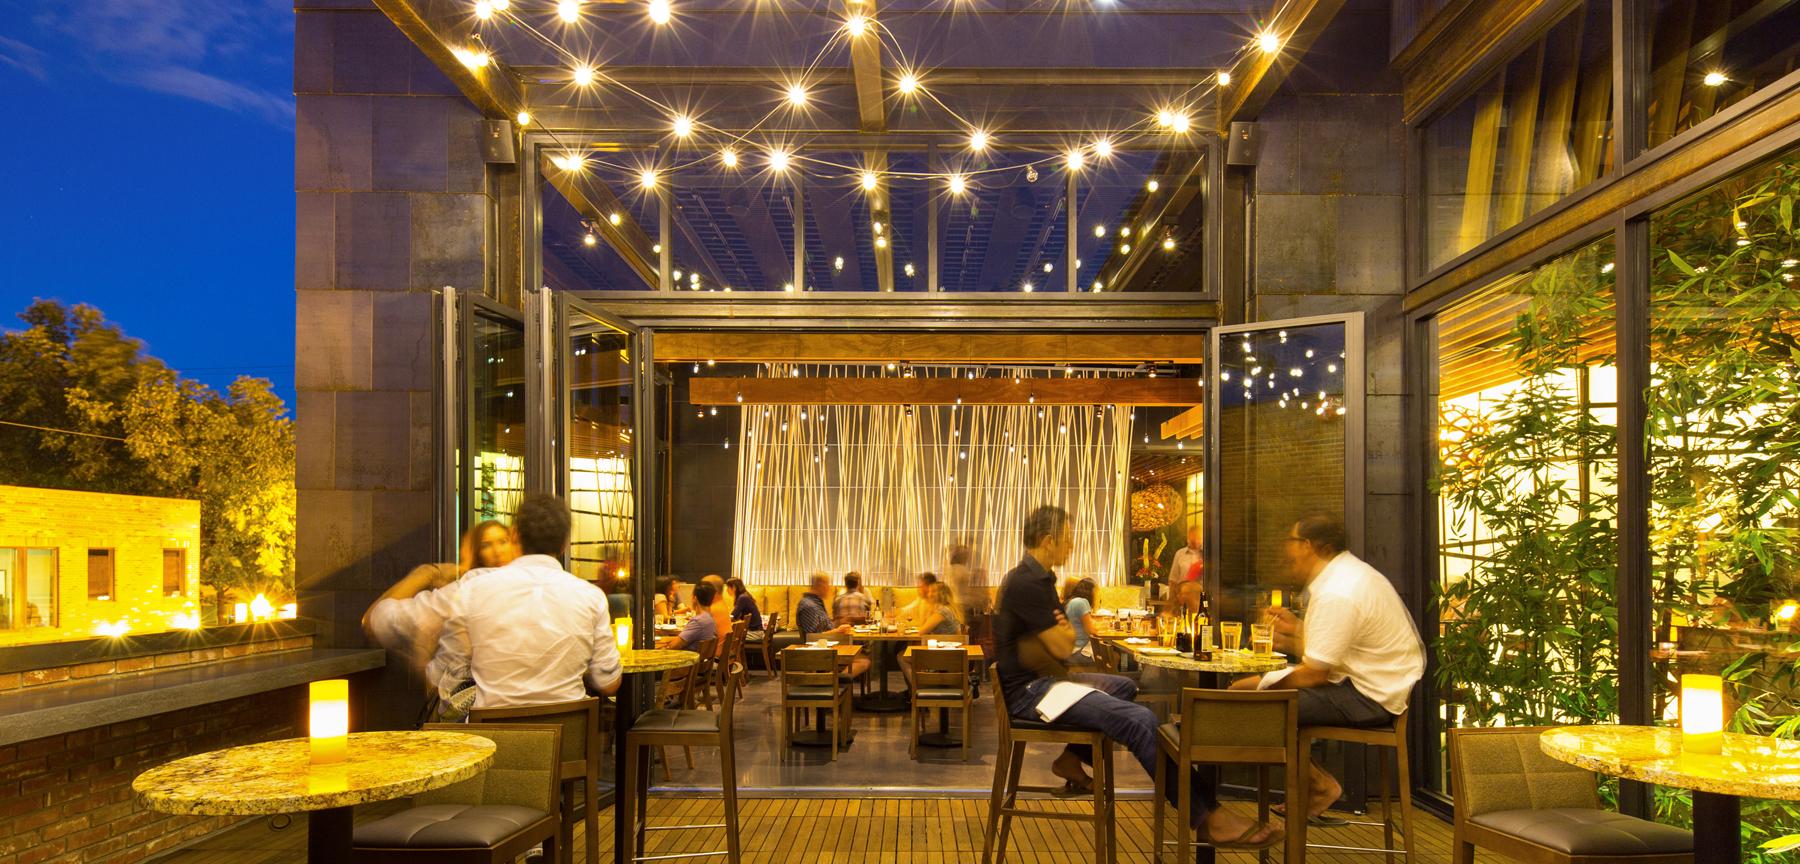 Izakaya Den rooftop patio